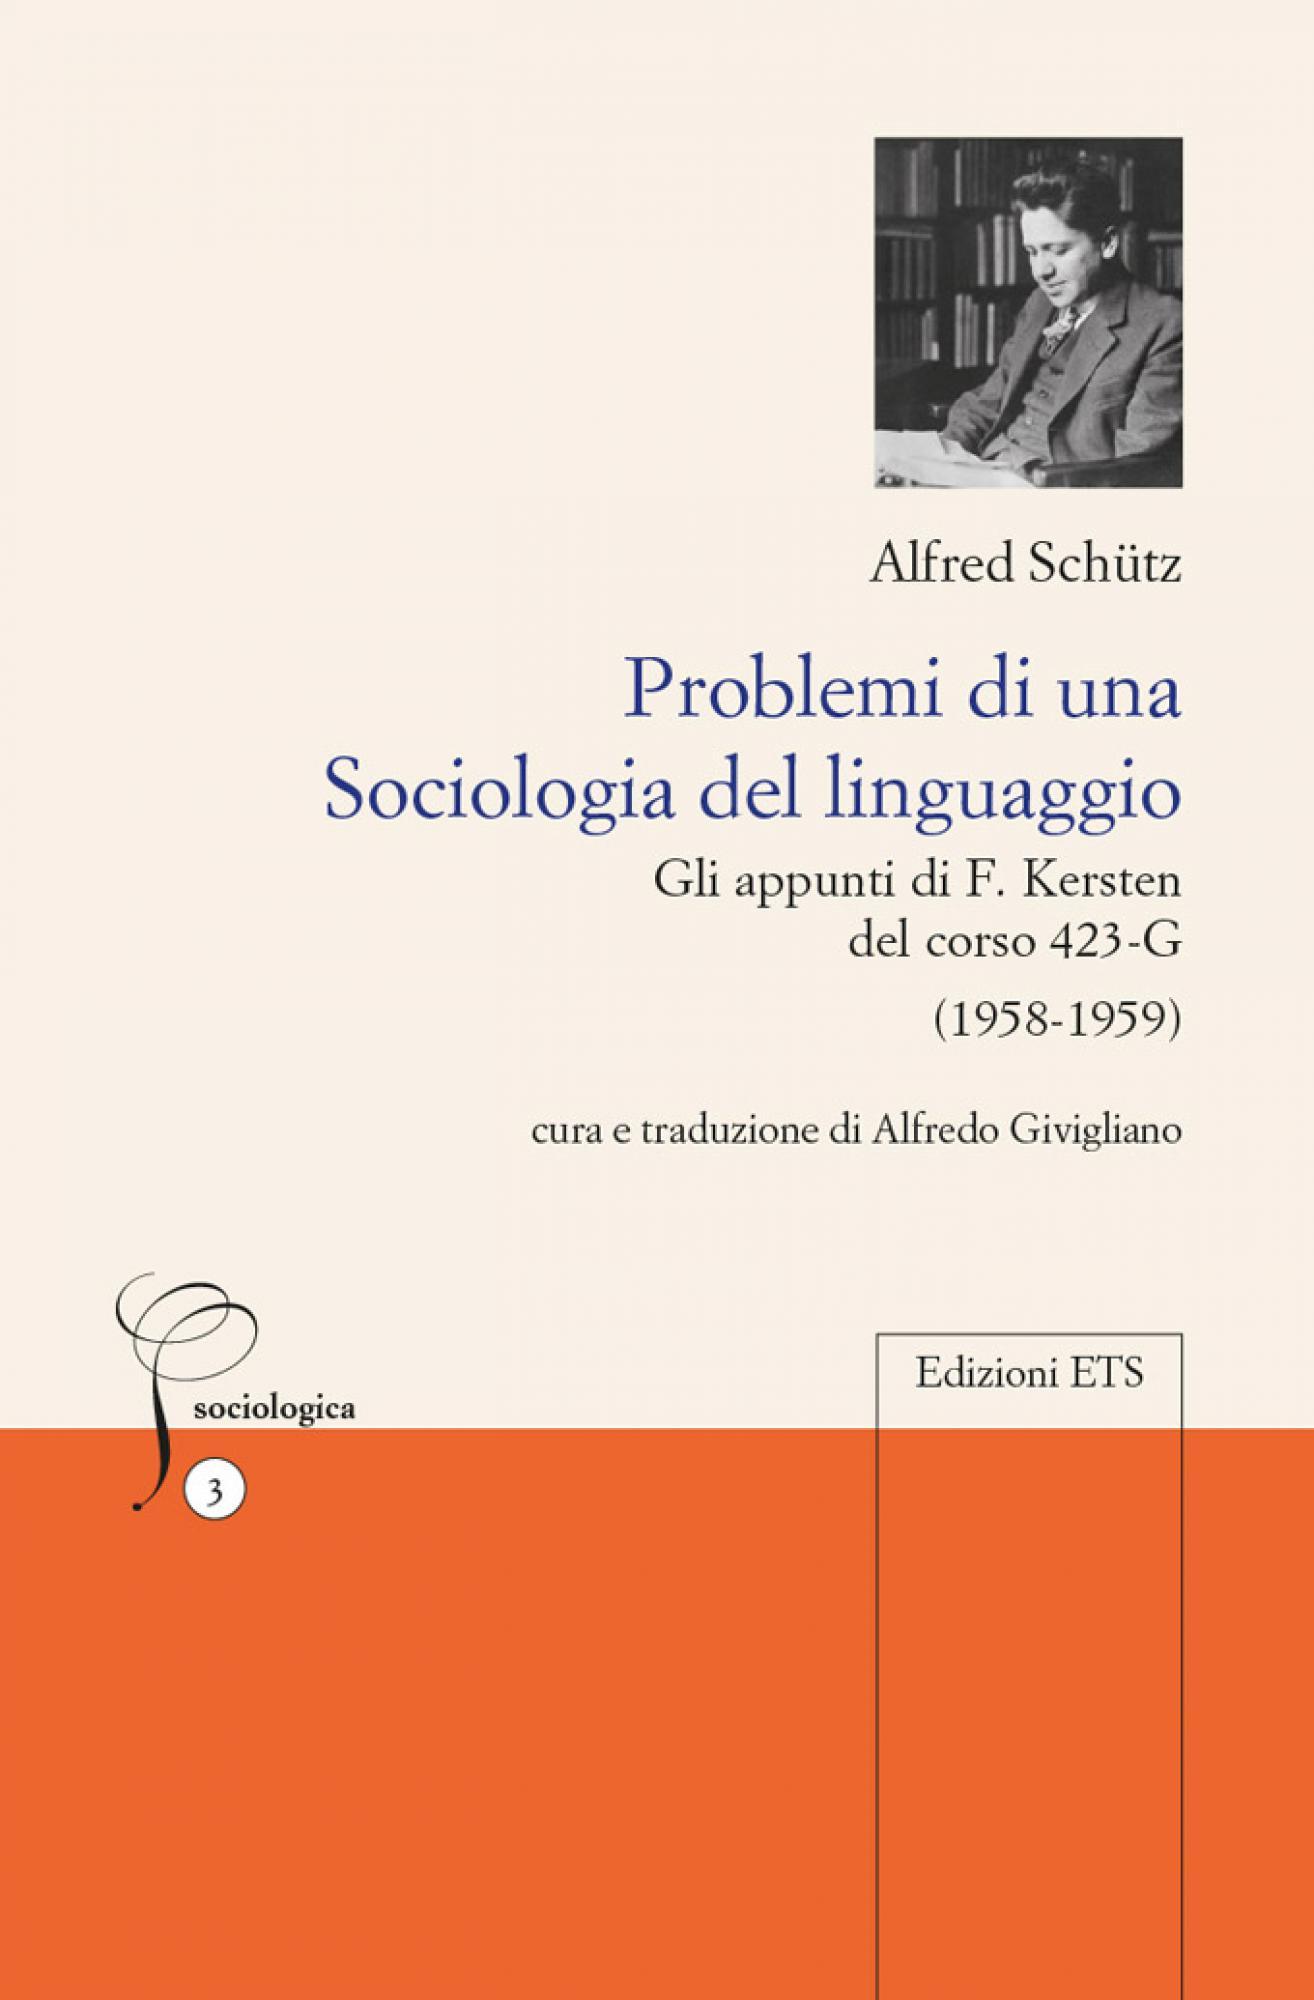 Problemi di una Sociologia del linguaggio.Gli appunti di F. Kersten del corso 423-G (1958-1959)